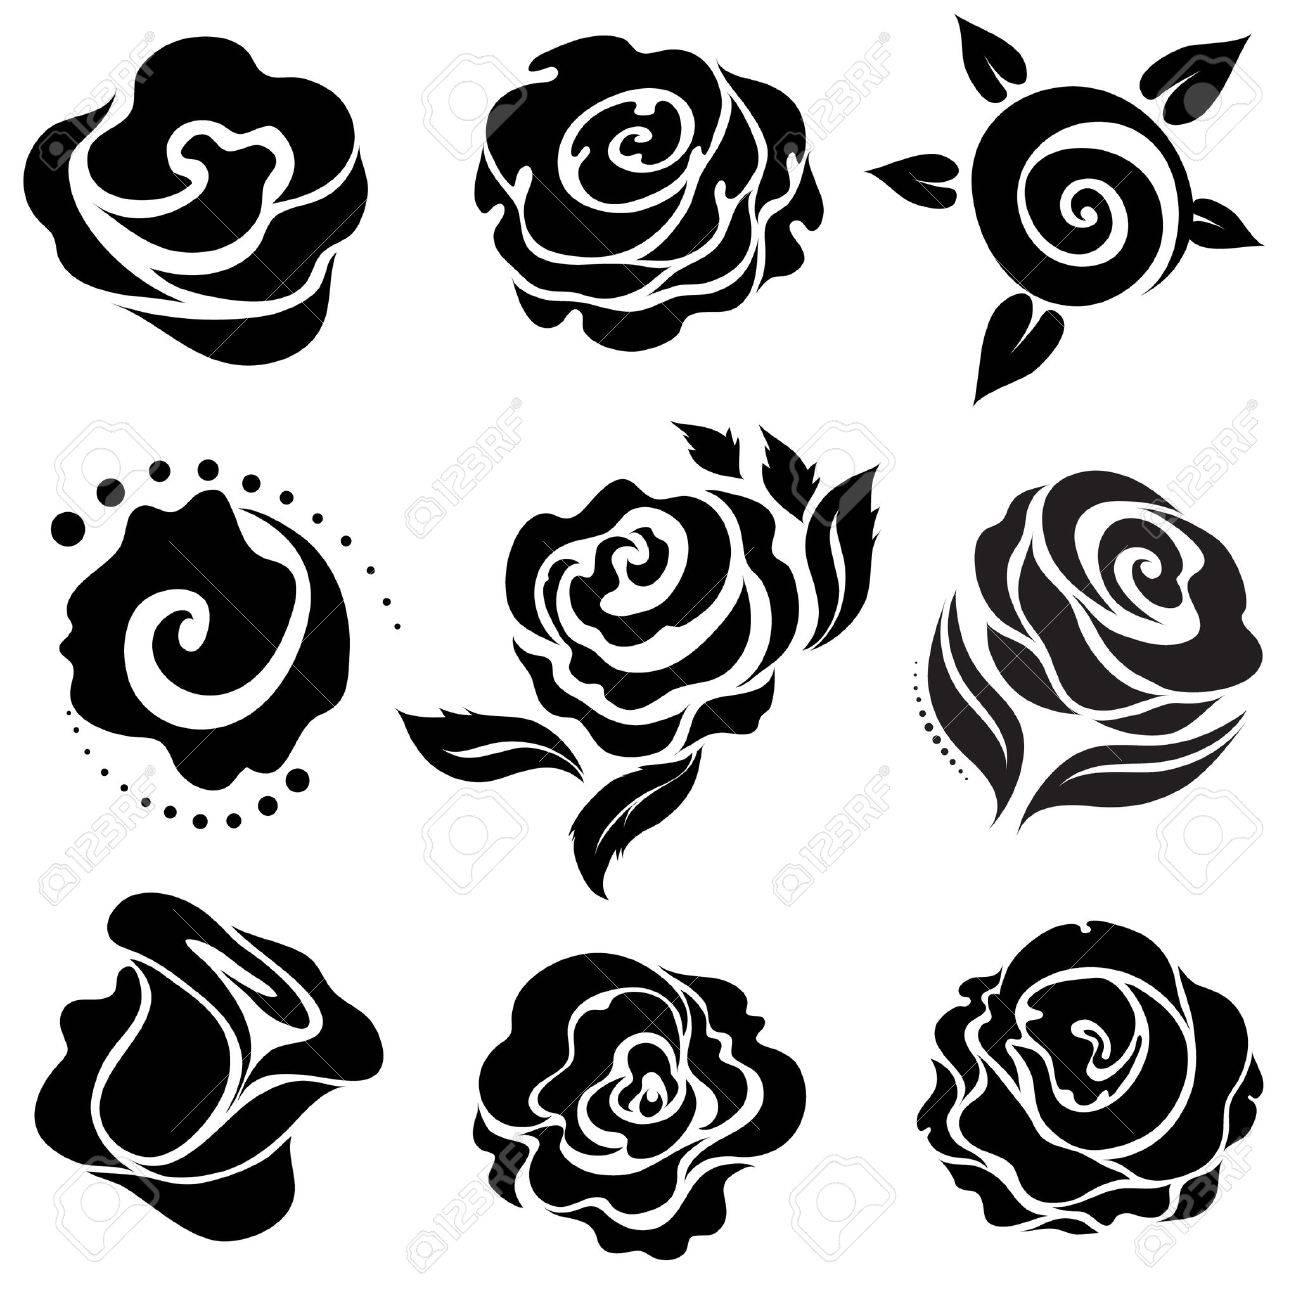 Set of black rose flower design elements Stock Vector - 5229660